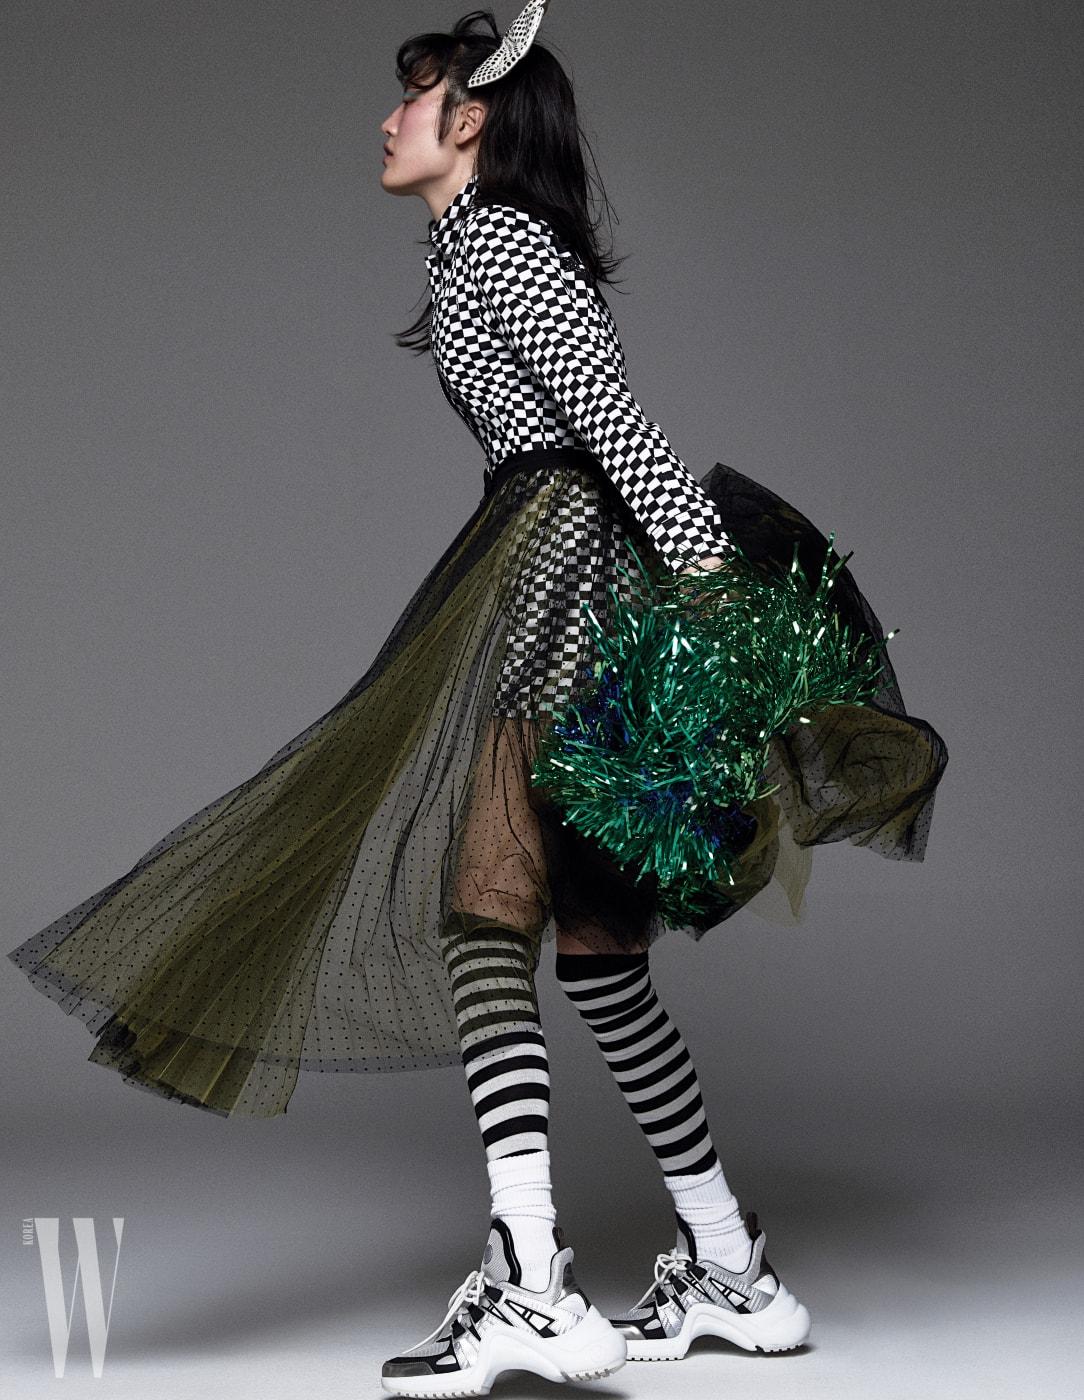 격자무늬 점프슈트, 시스루 스커트, 줄무늬 타이츠는 모두 Dior, 스니커즈는 Louis Vuitton 제품